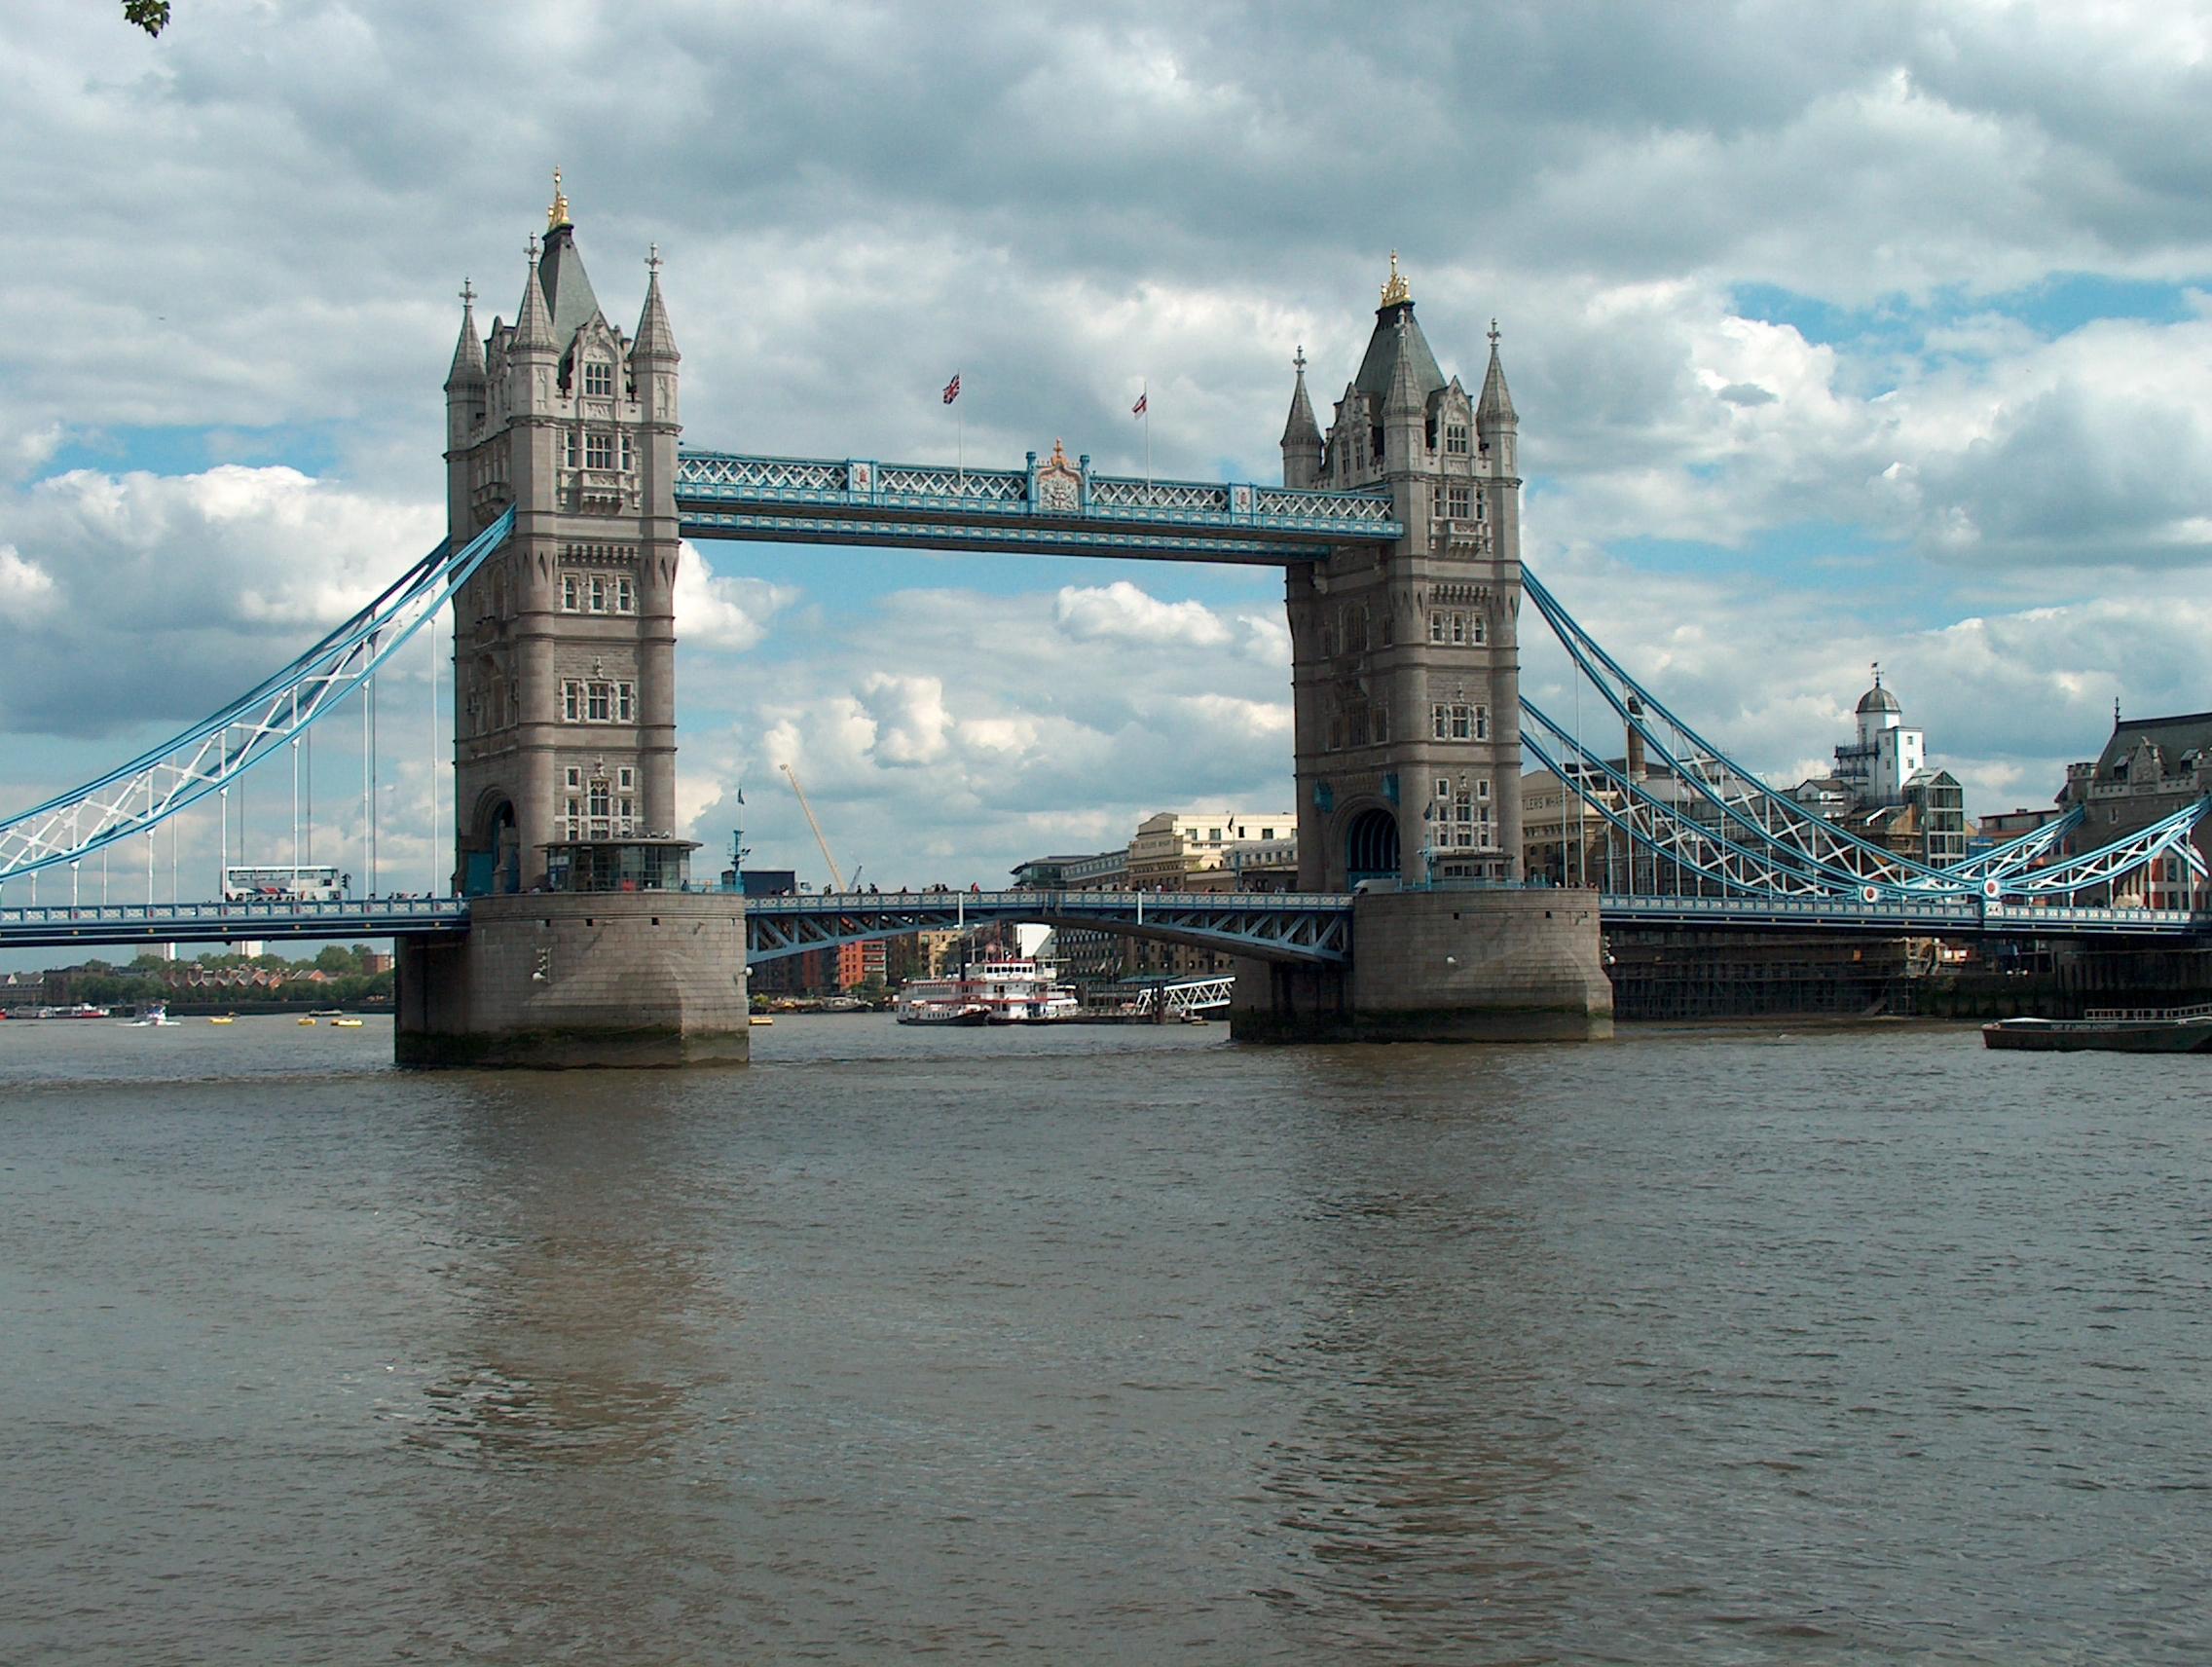 Ein Auslandaufenthalt in London ist eine unvergessliche Erfahrung. (Guenter Wieschendahl/ Wikipedia gemeinfrei)